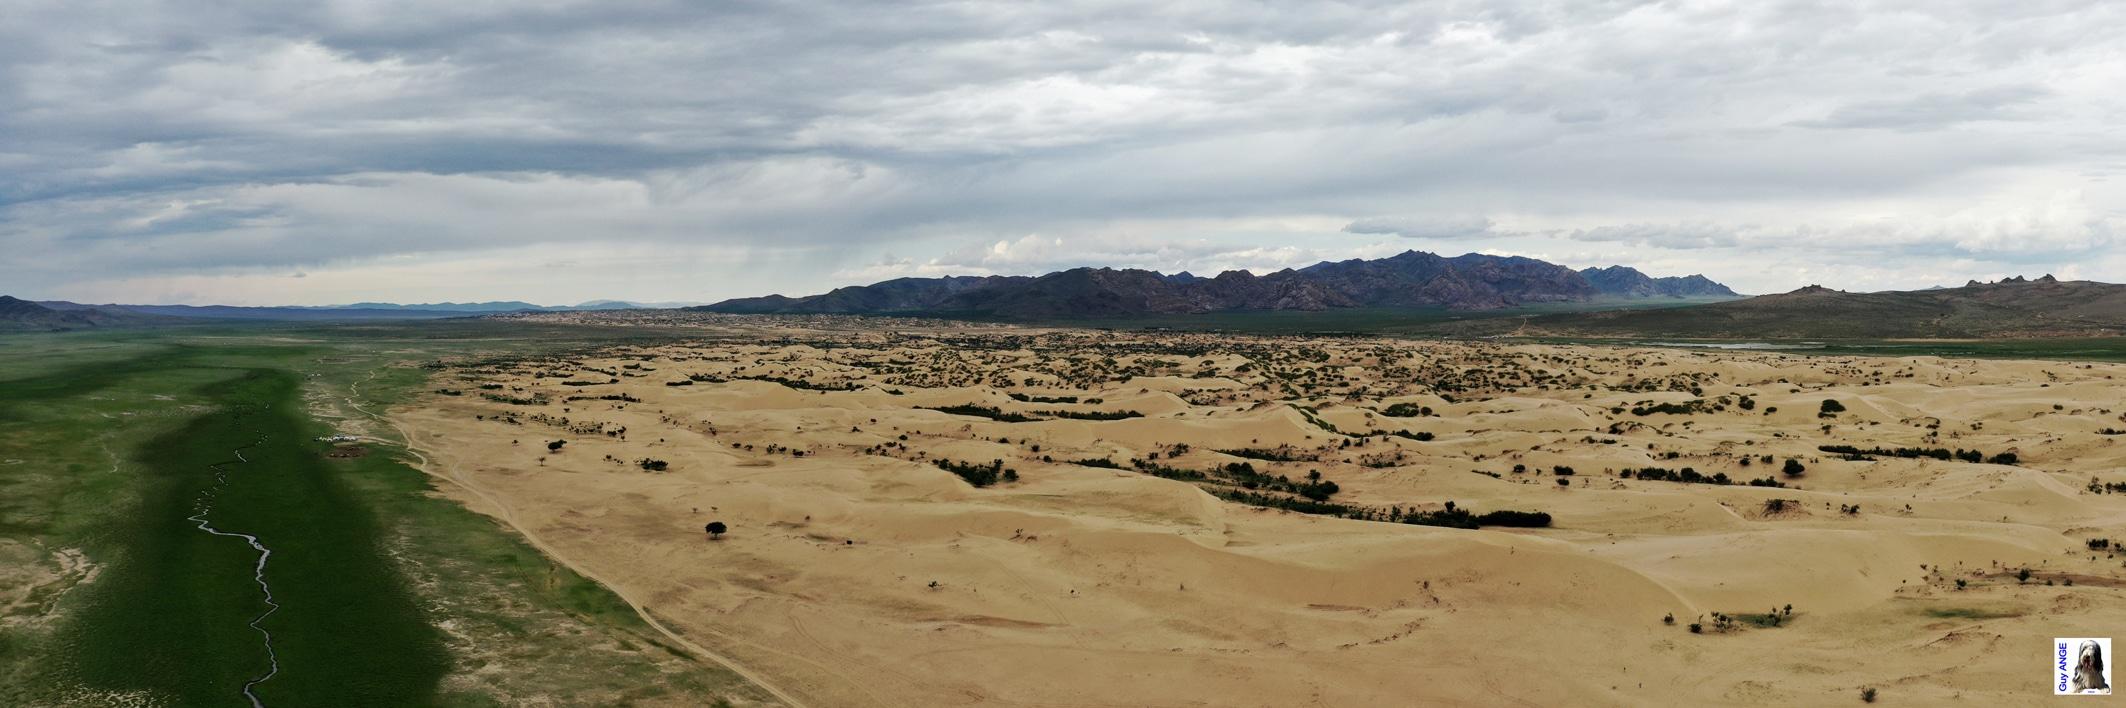 Vue aérienne du Petit Gobi.